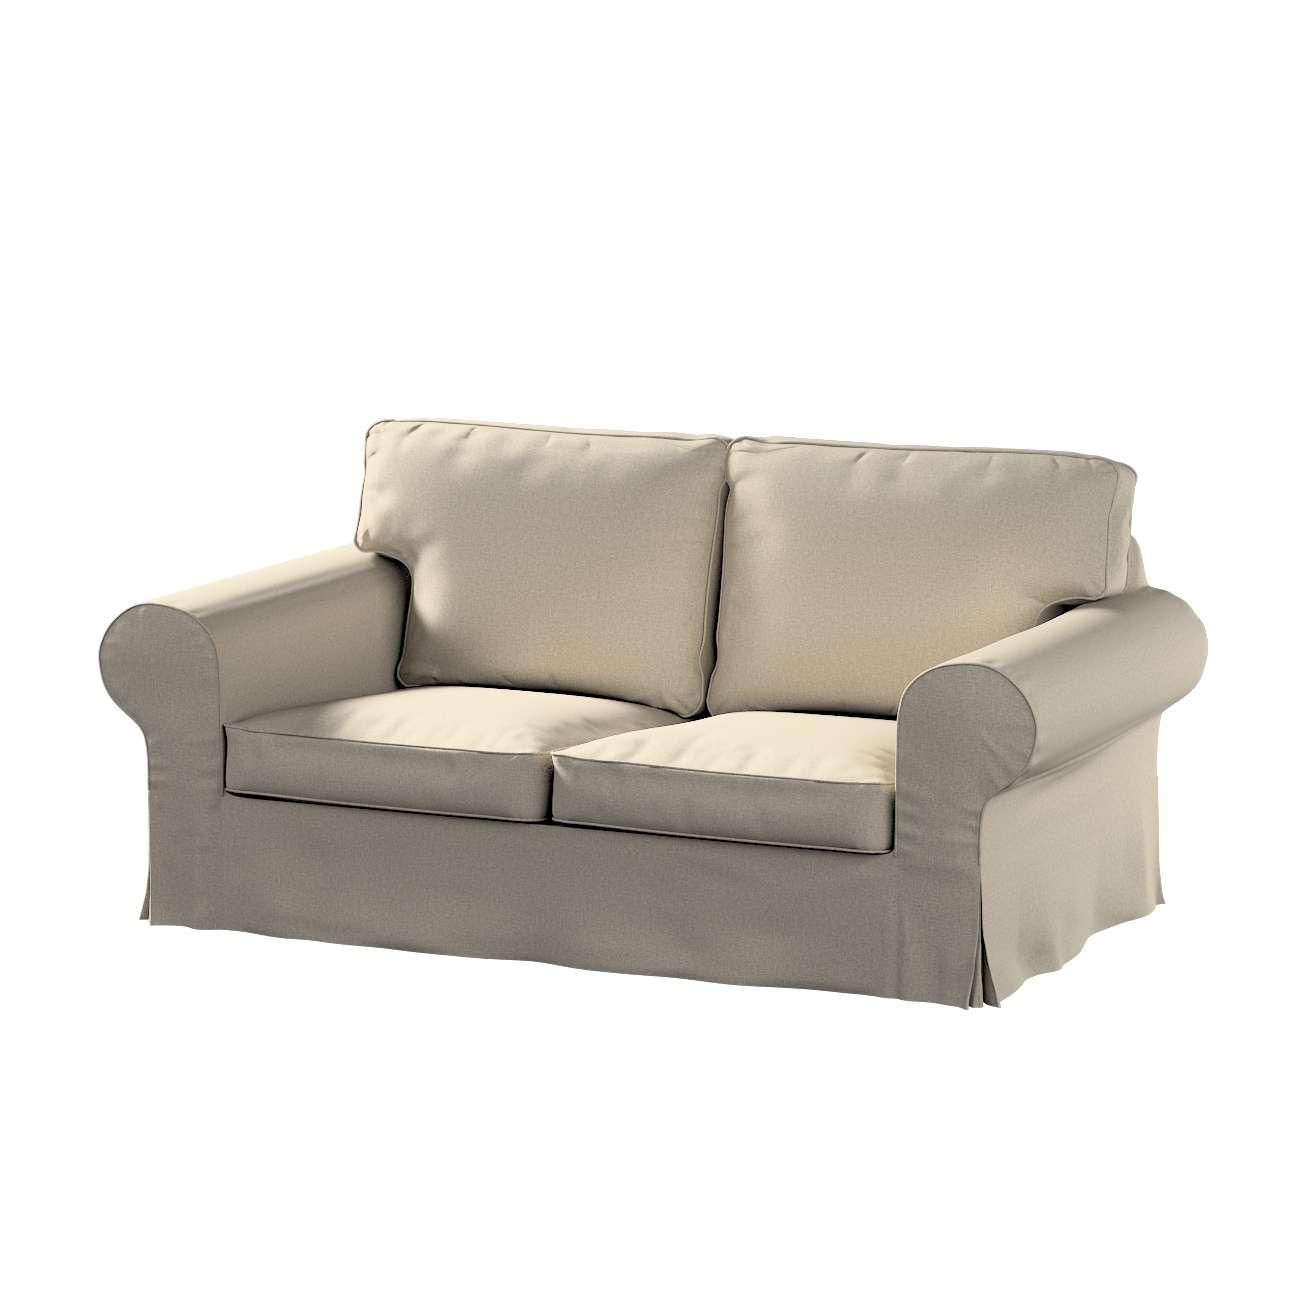 Pokrowiec na sofę Ektorp 2-osobową, rozkładaną, model do 2012 w kolekcji Amsterdam, tkanina: 704-52